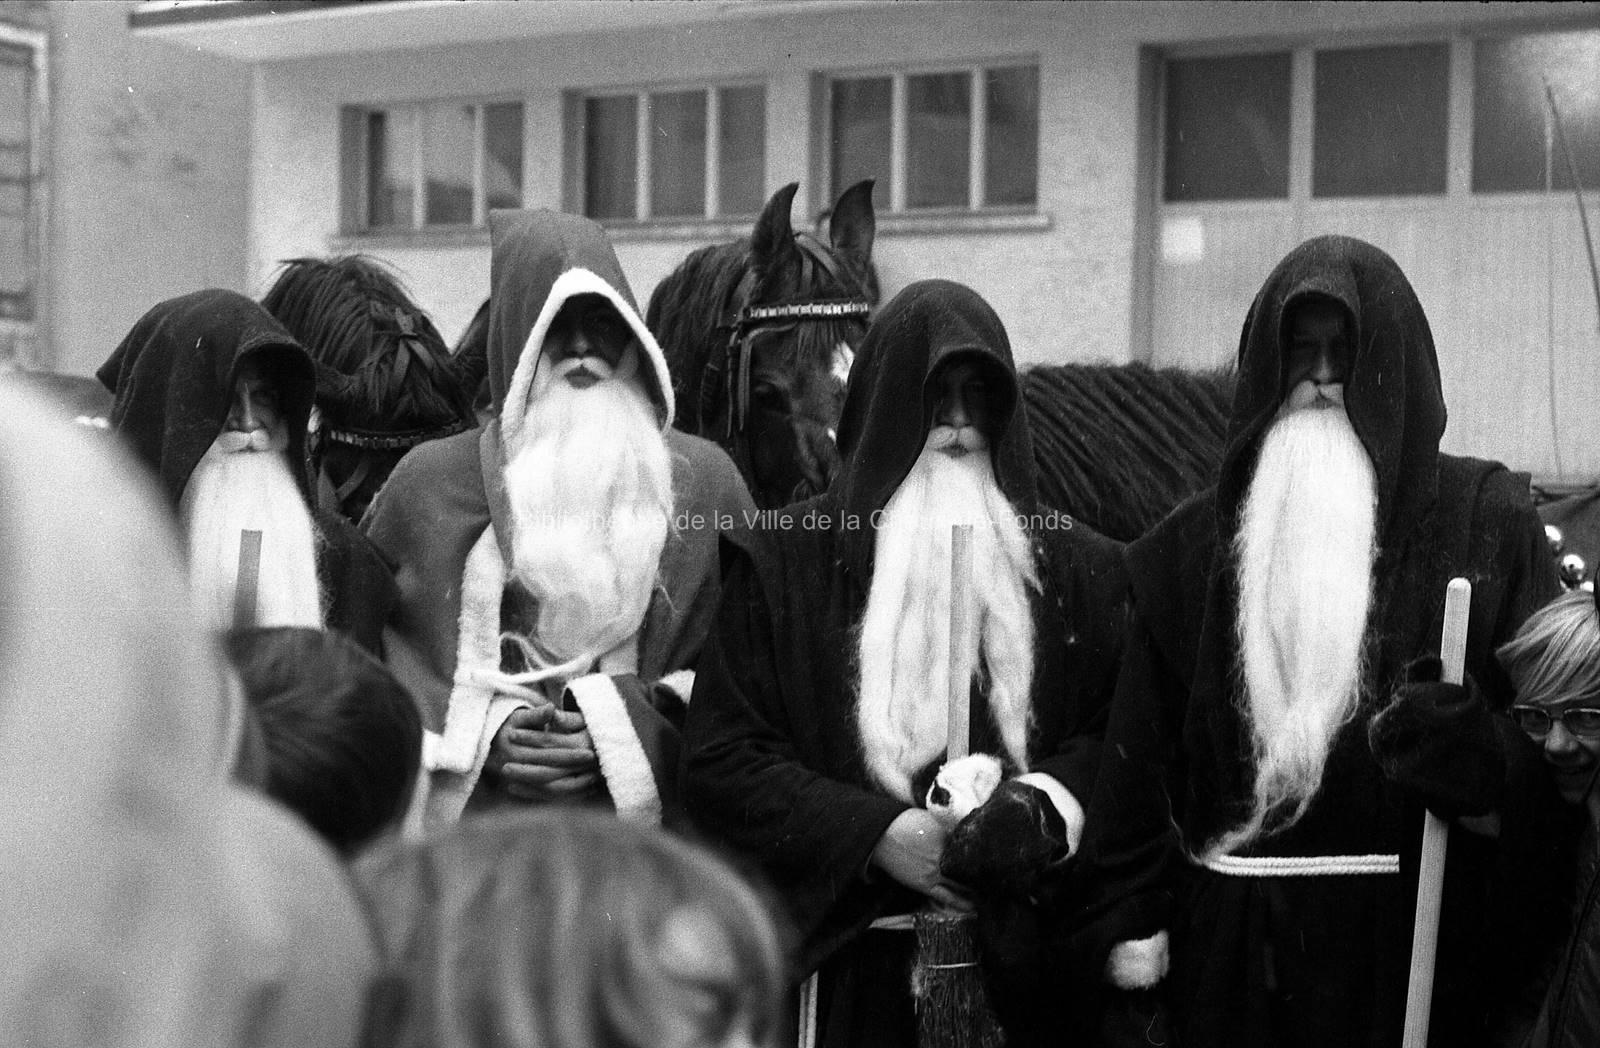 Visite du Père Noël(2). La Chaux-de-Fonds, 1974